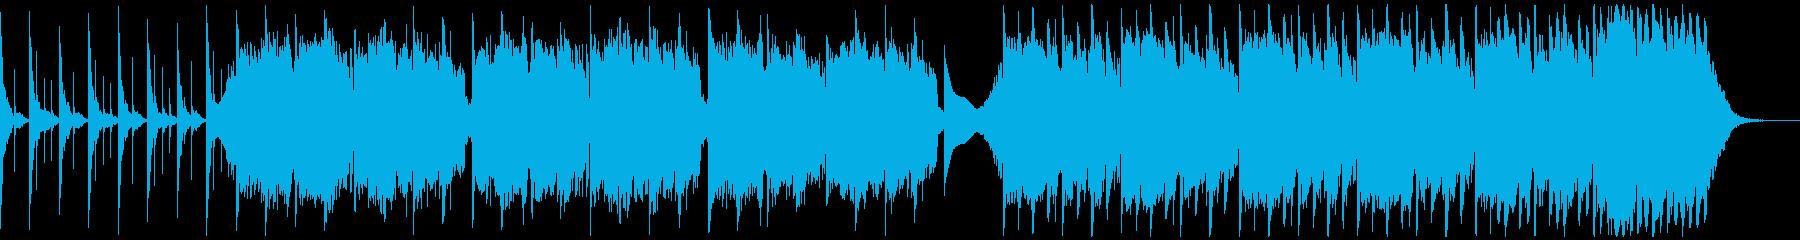 スローテンポなテクノの再生済みの波形